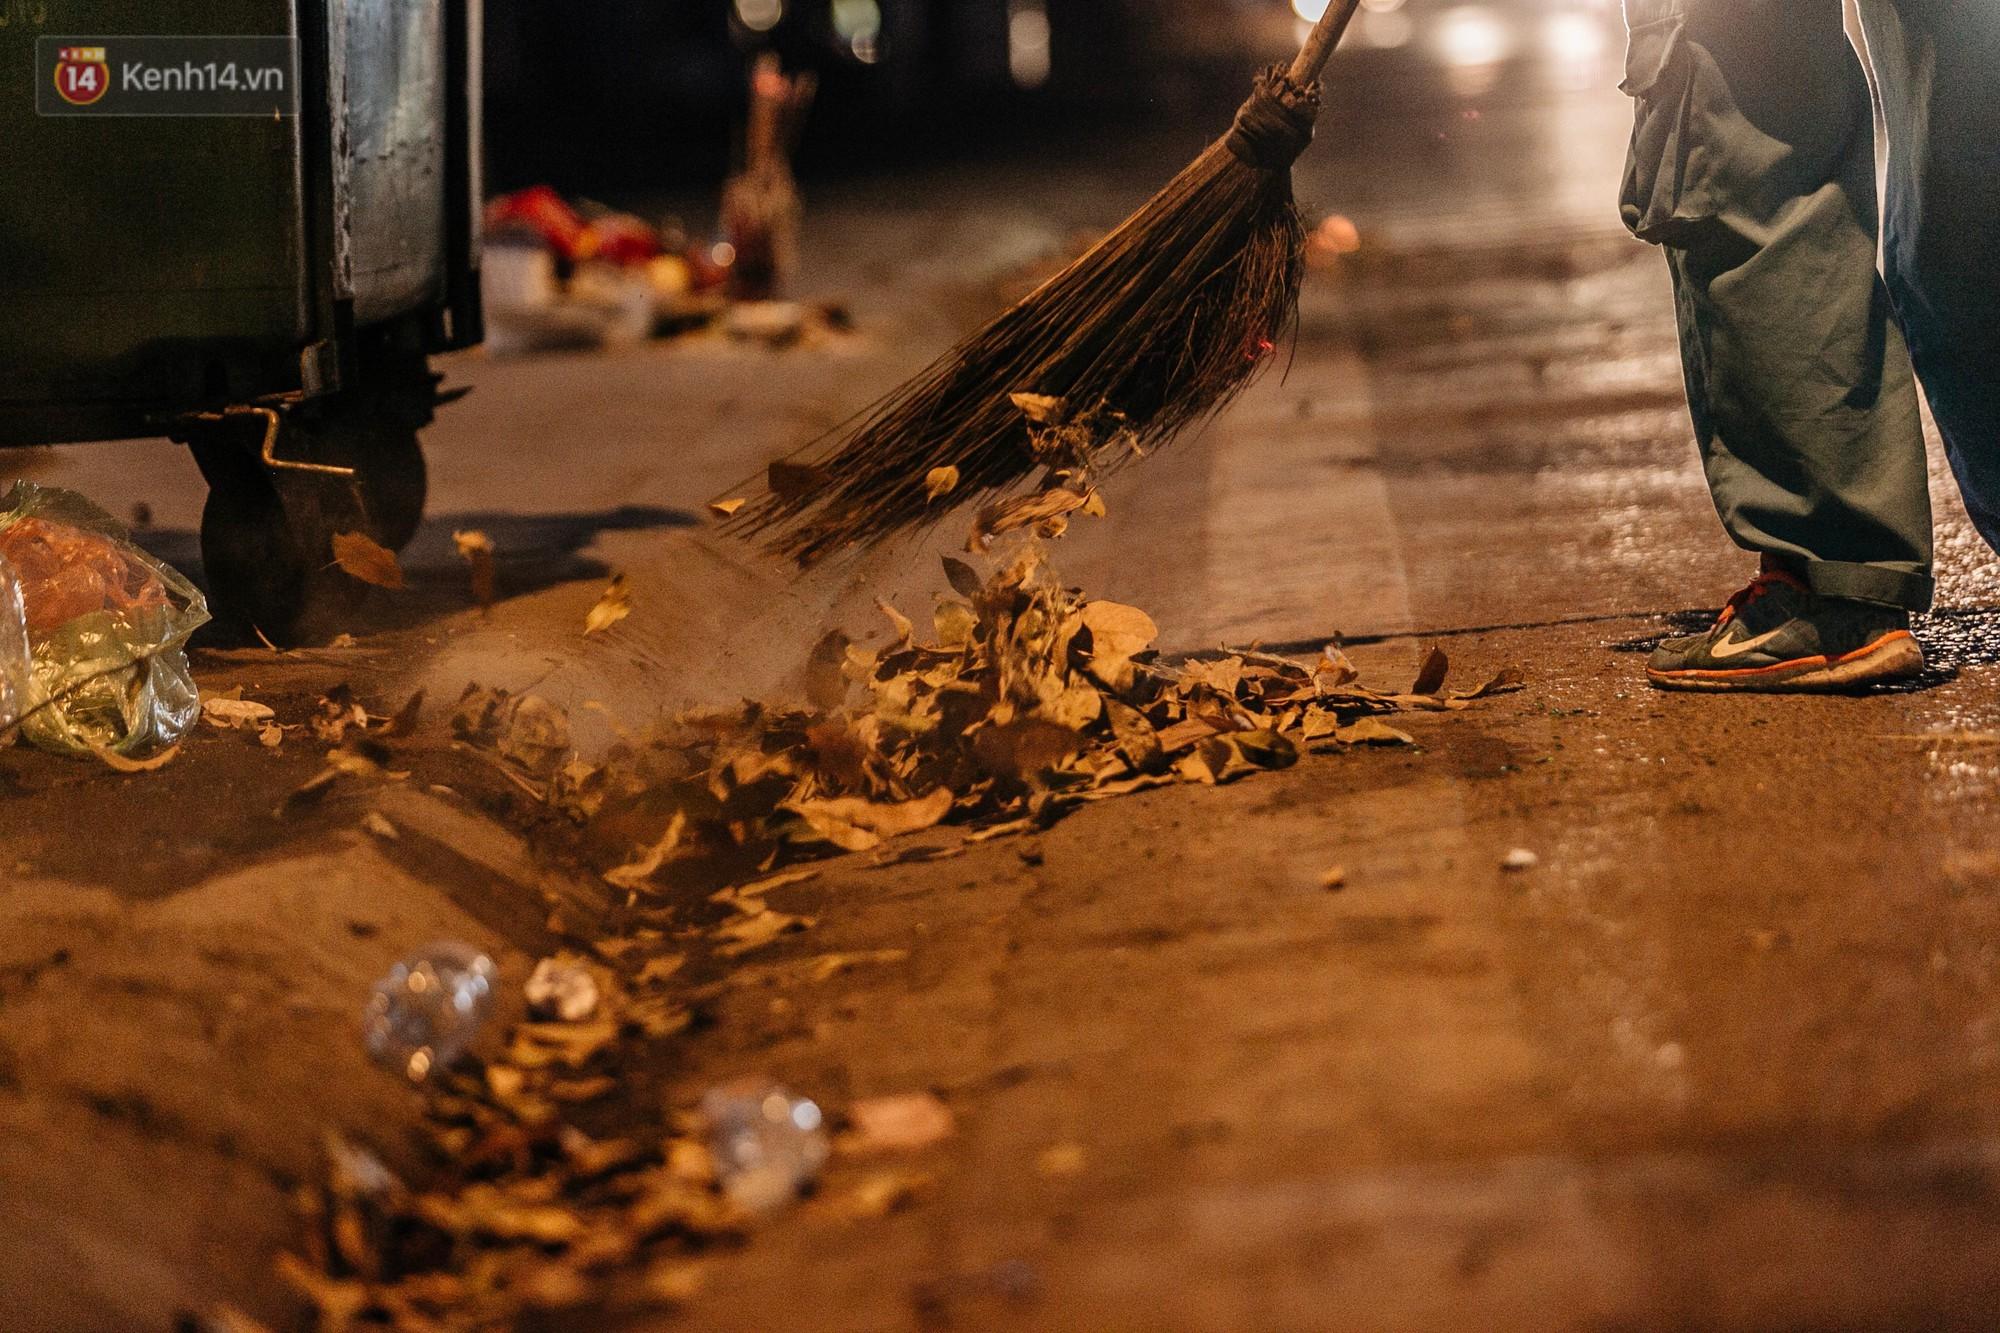 Sự ra đi của nữ công nhân môi trường và nỗi ám ảnh người ở lại: Những phận đời phu rác bám đường phố Hà Nội mưu sinh-23